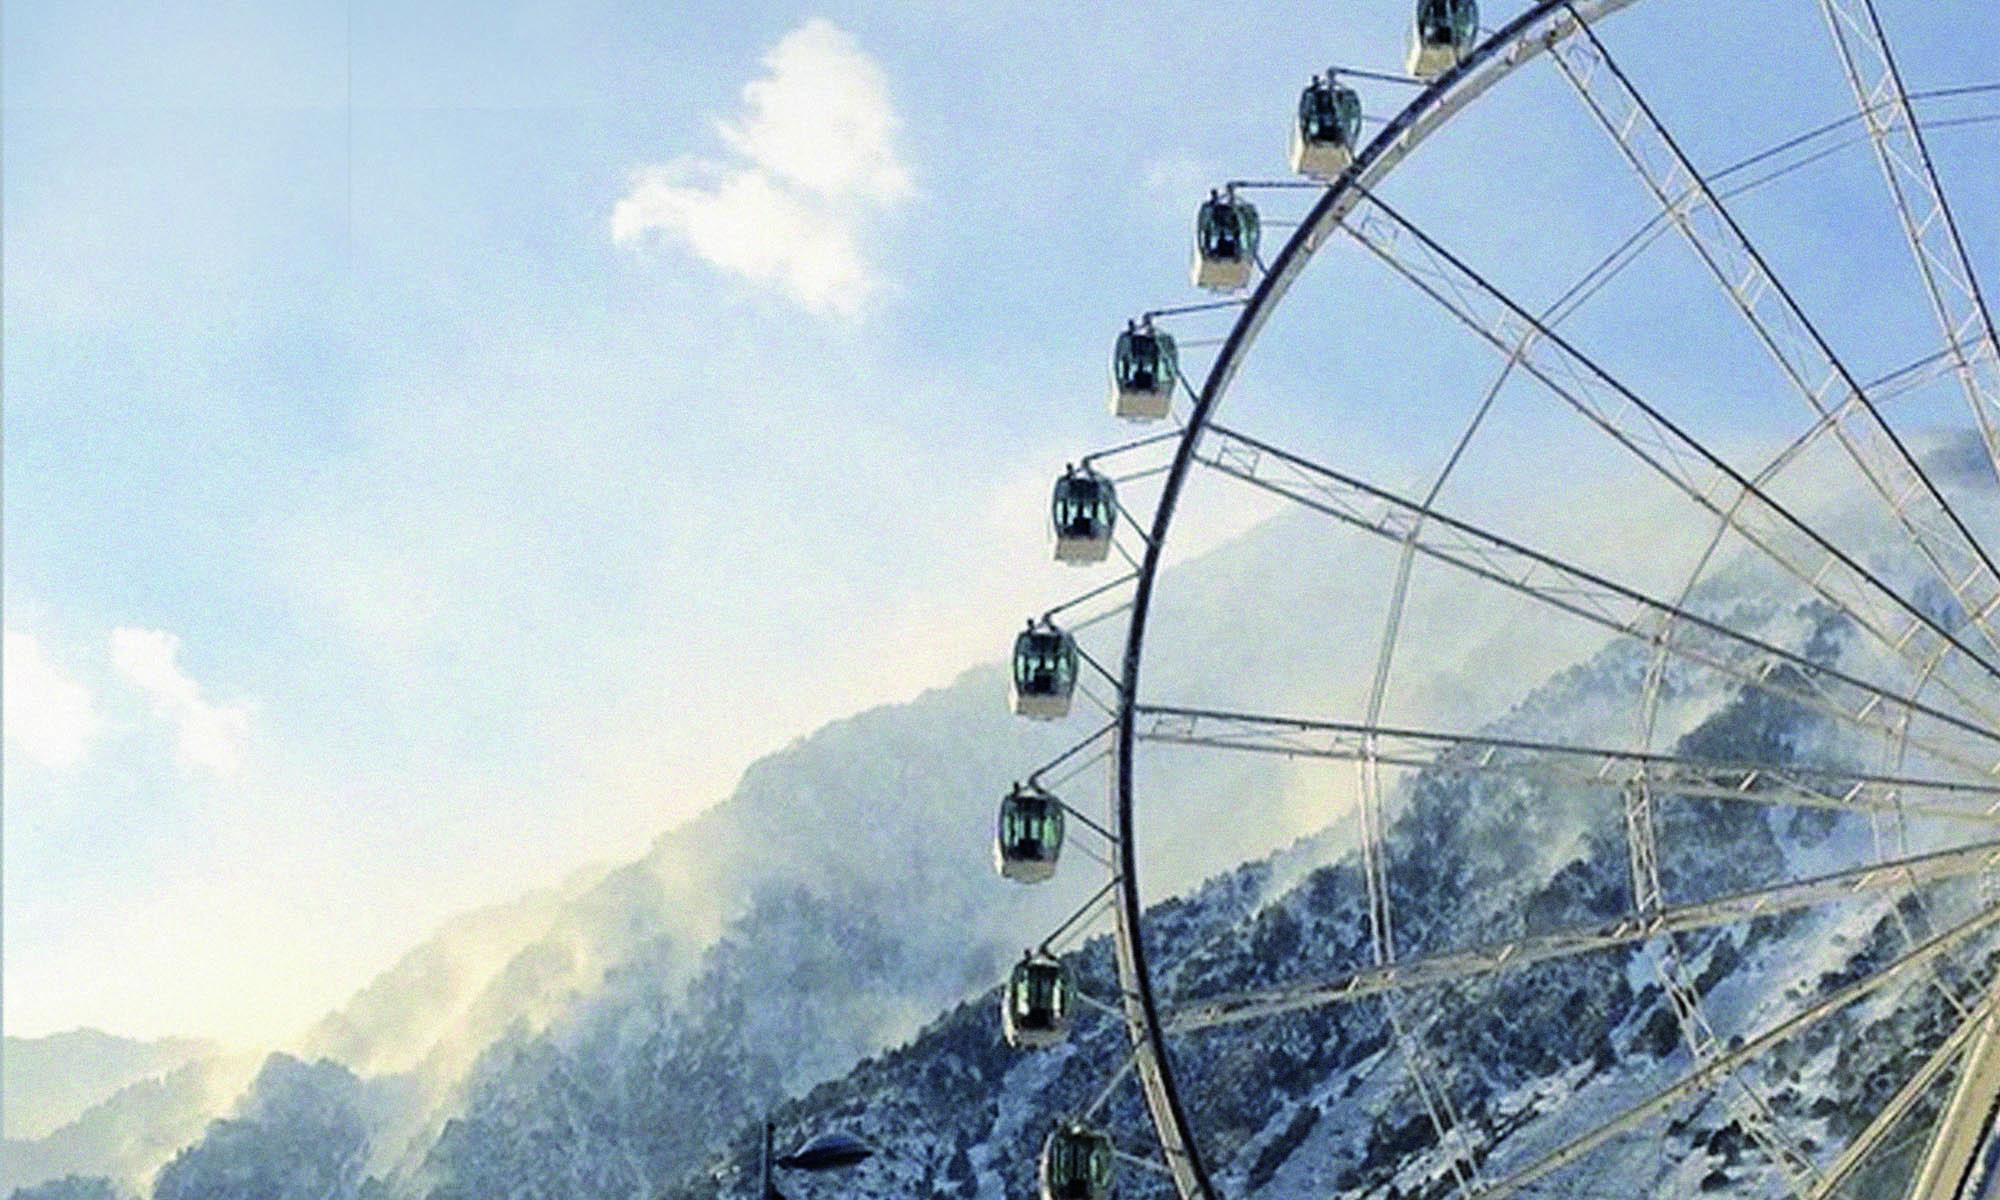 noria escaldes Andorra